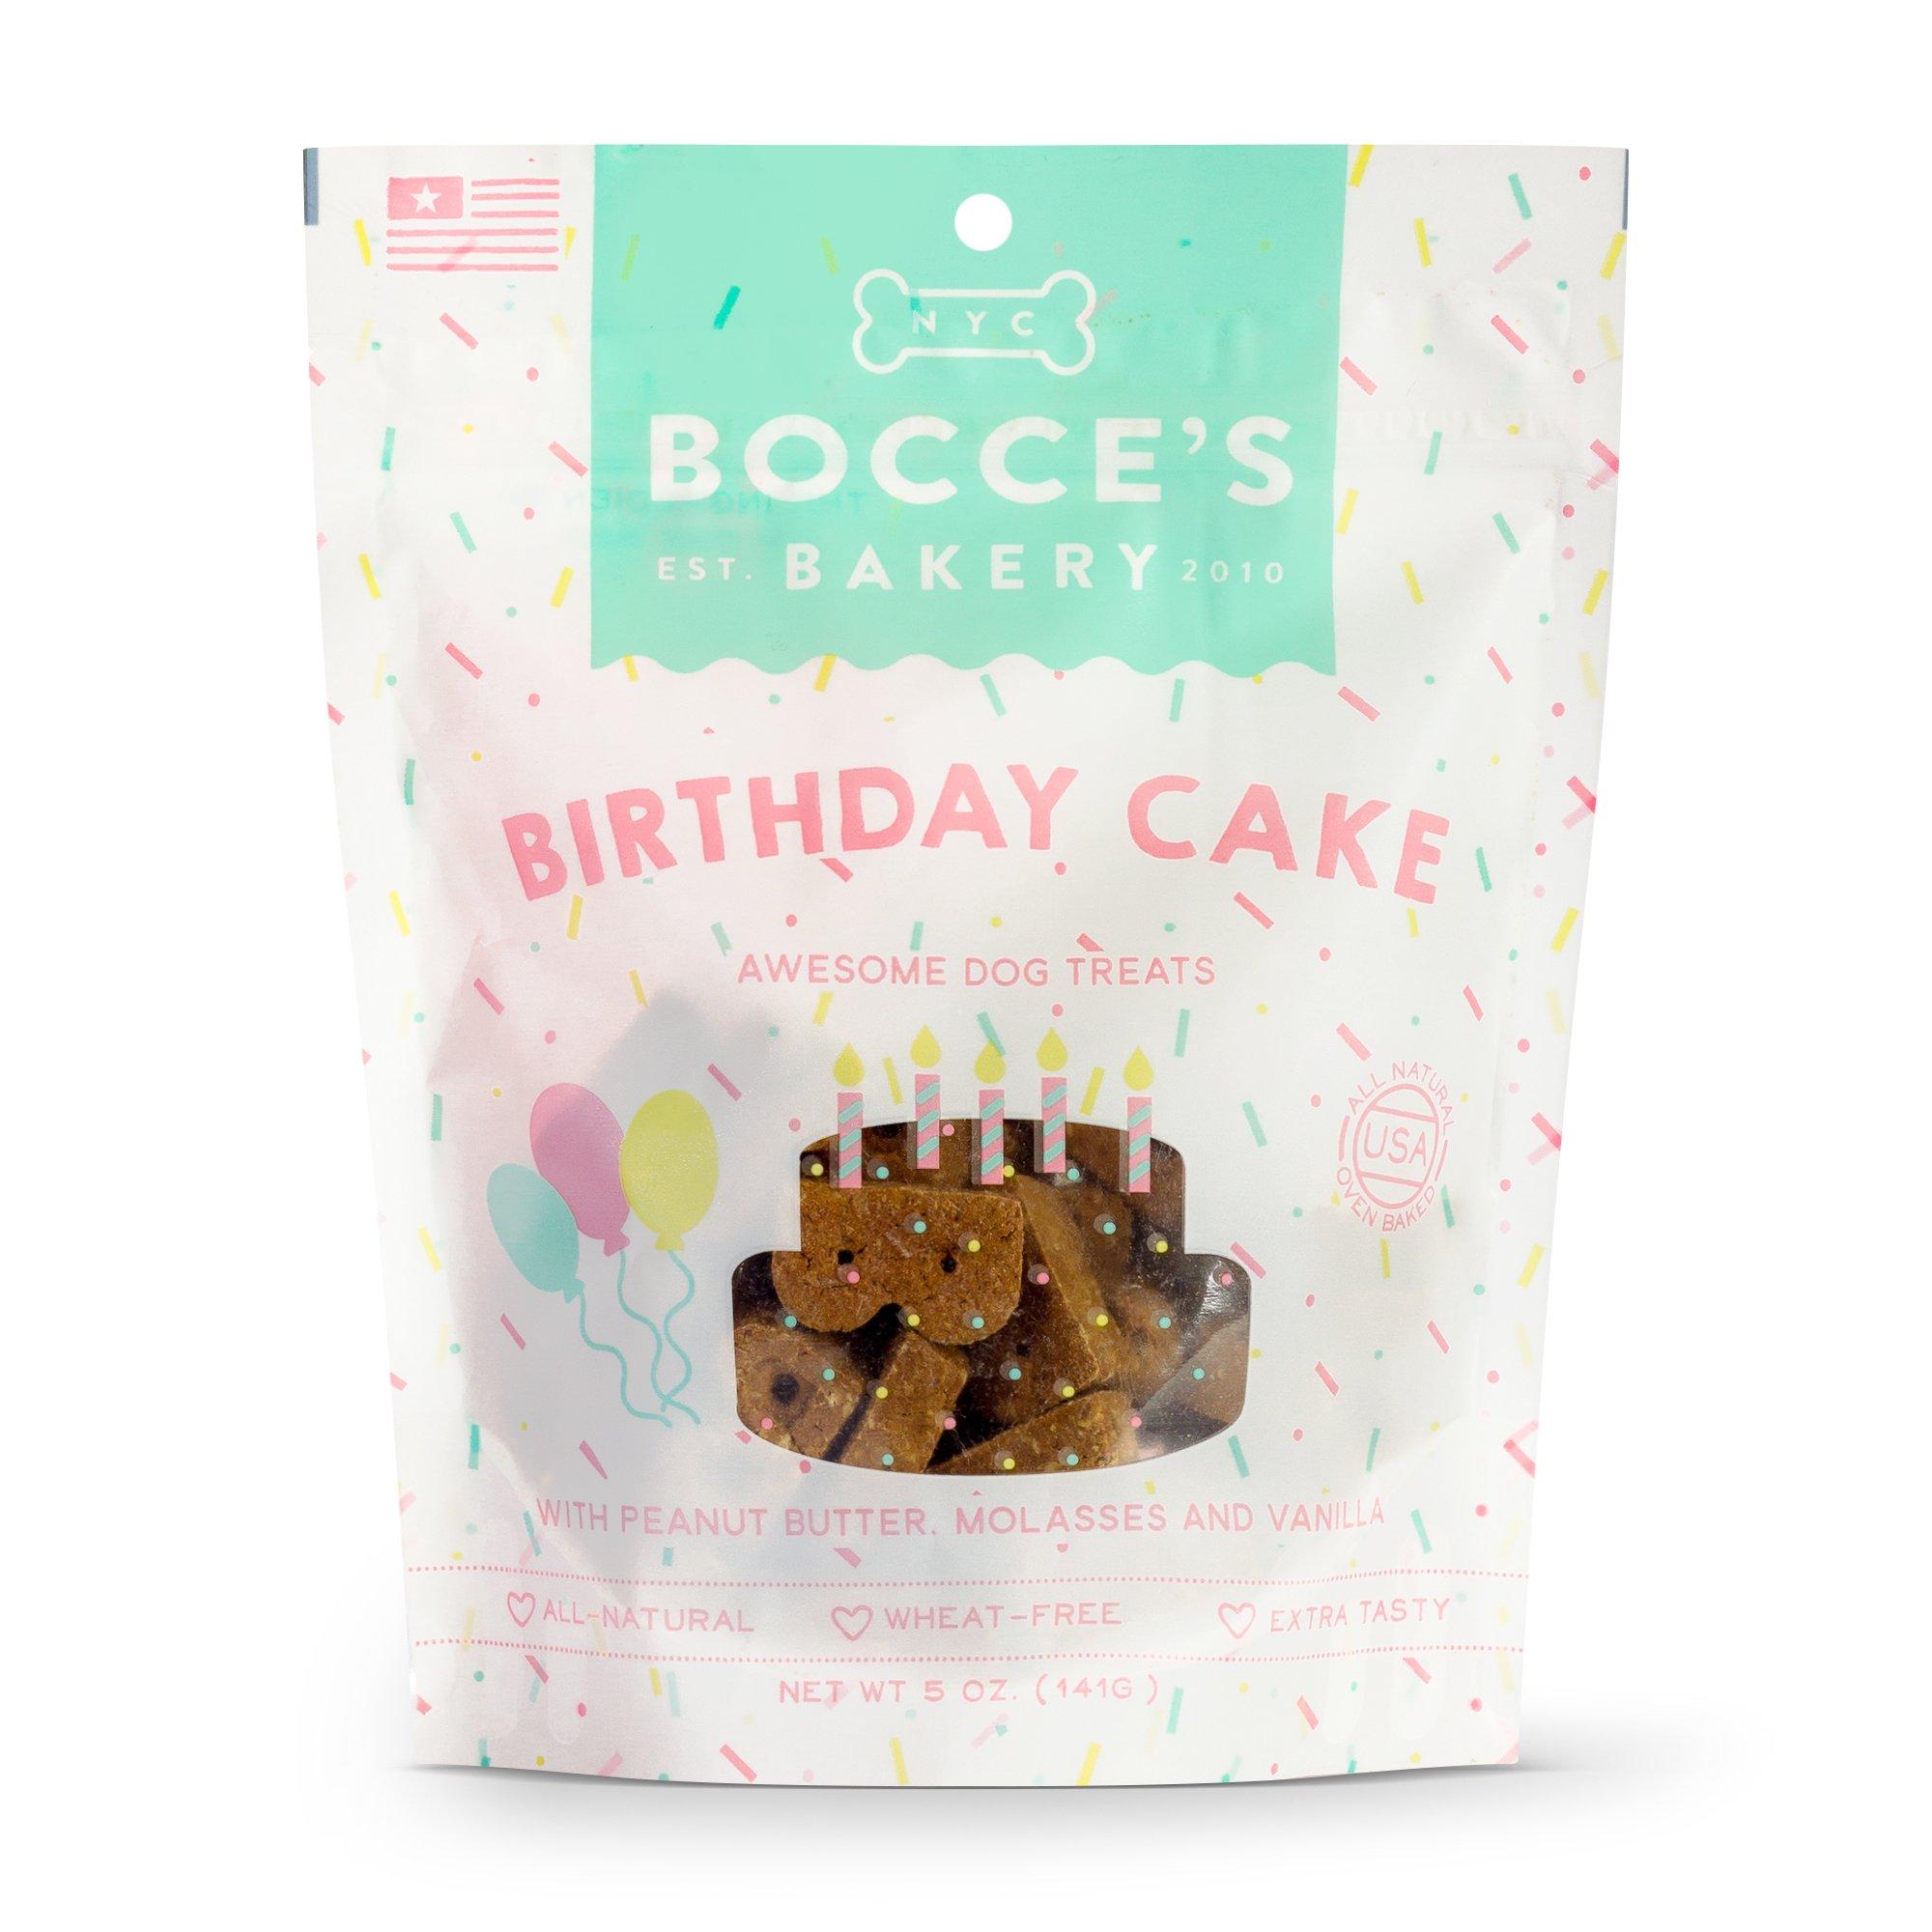 Bocce's Bakery Dog Treats